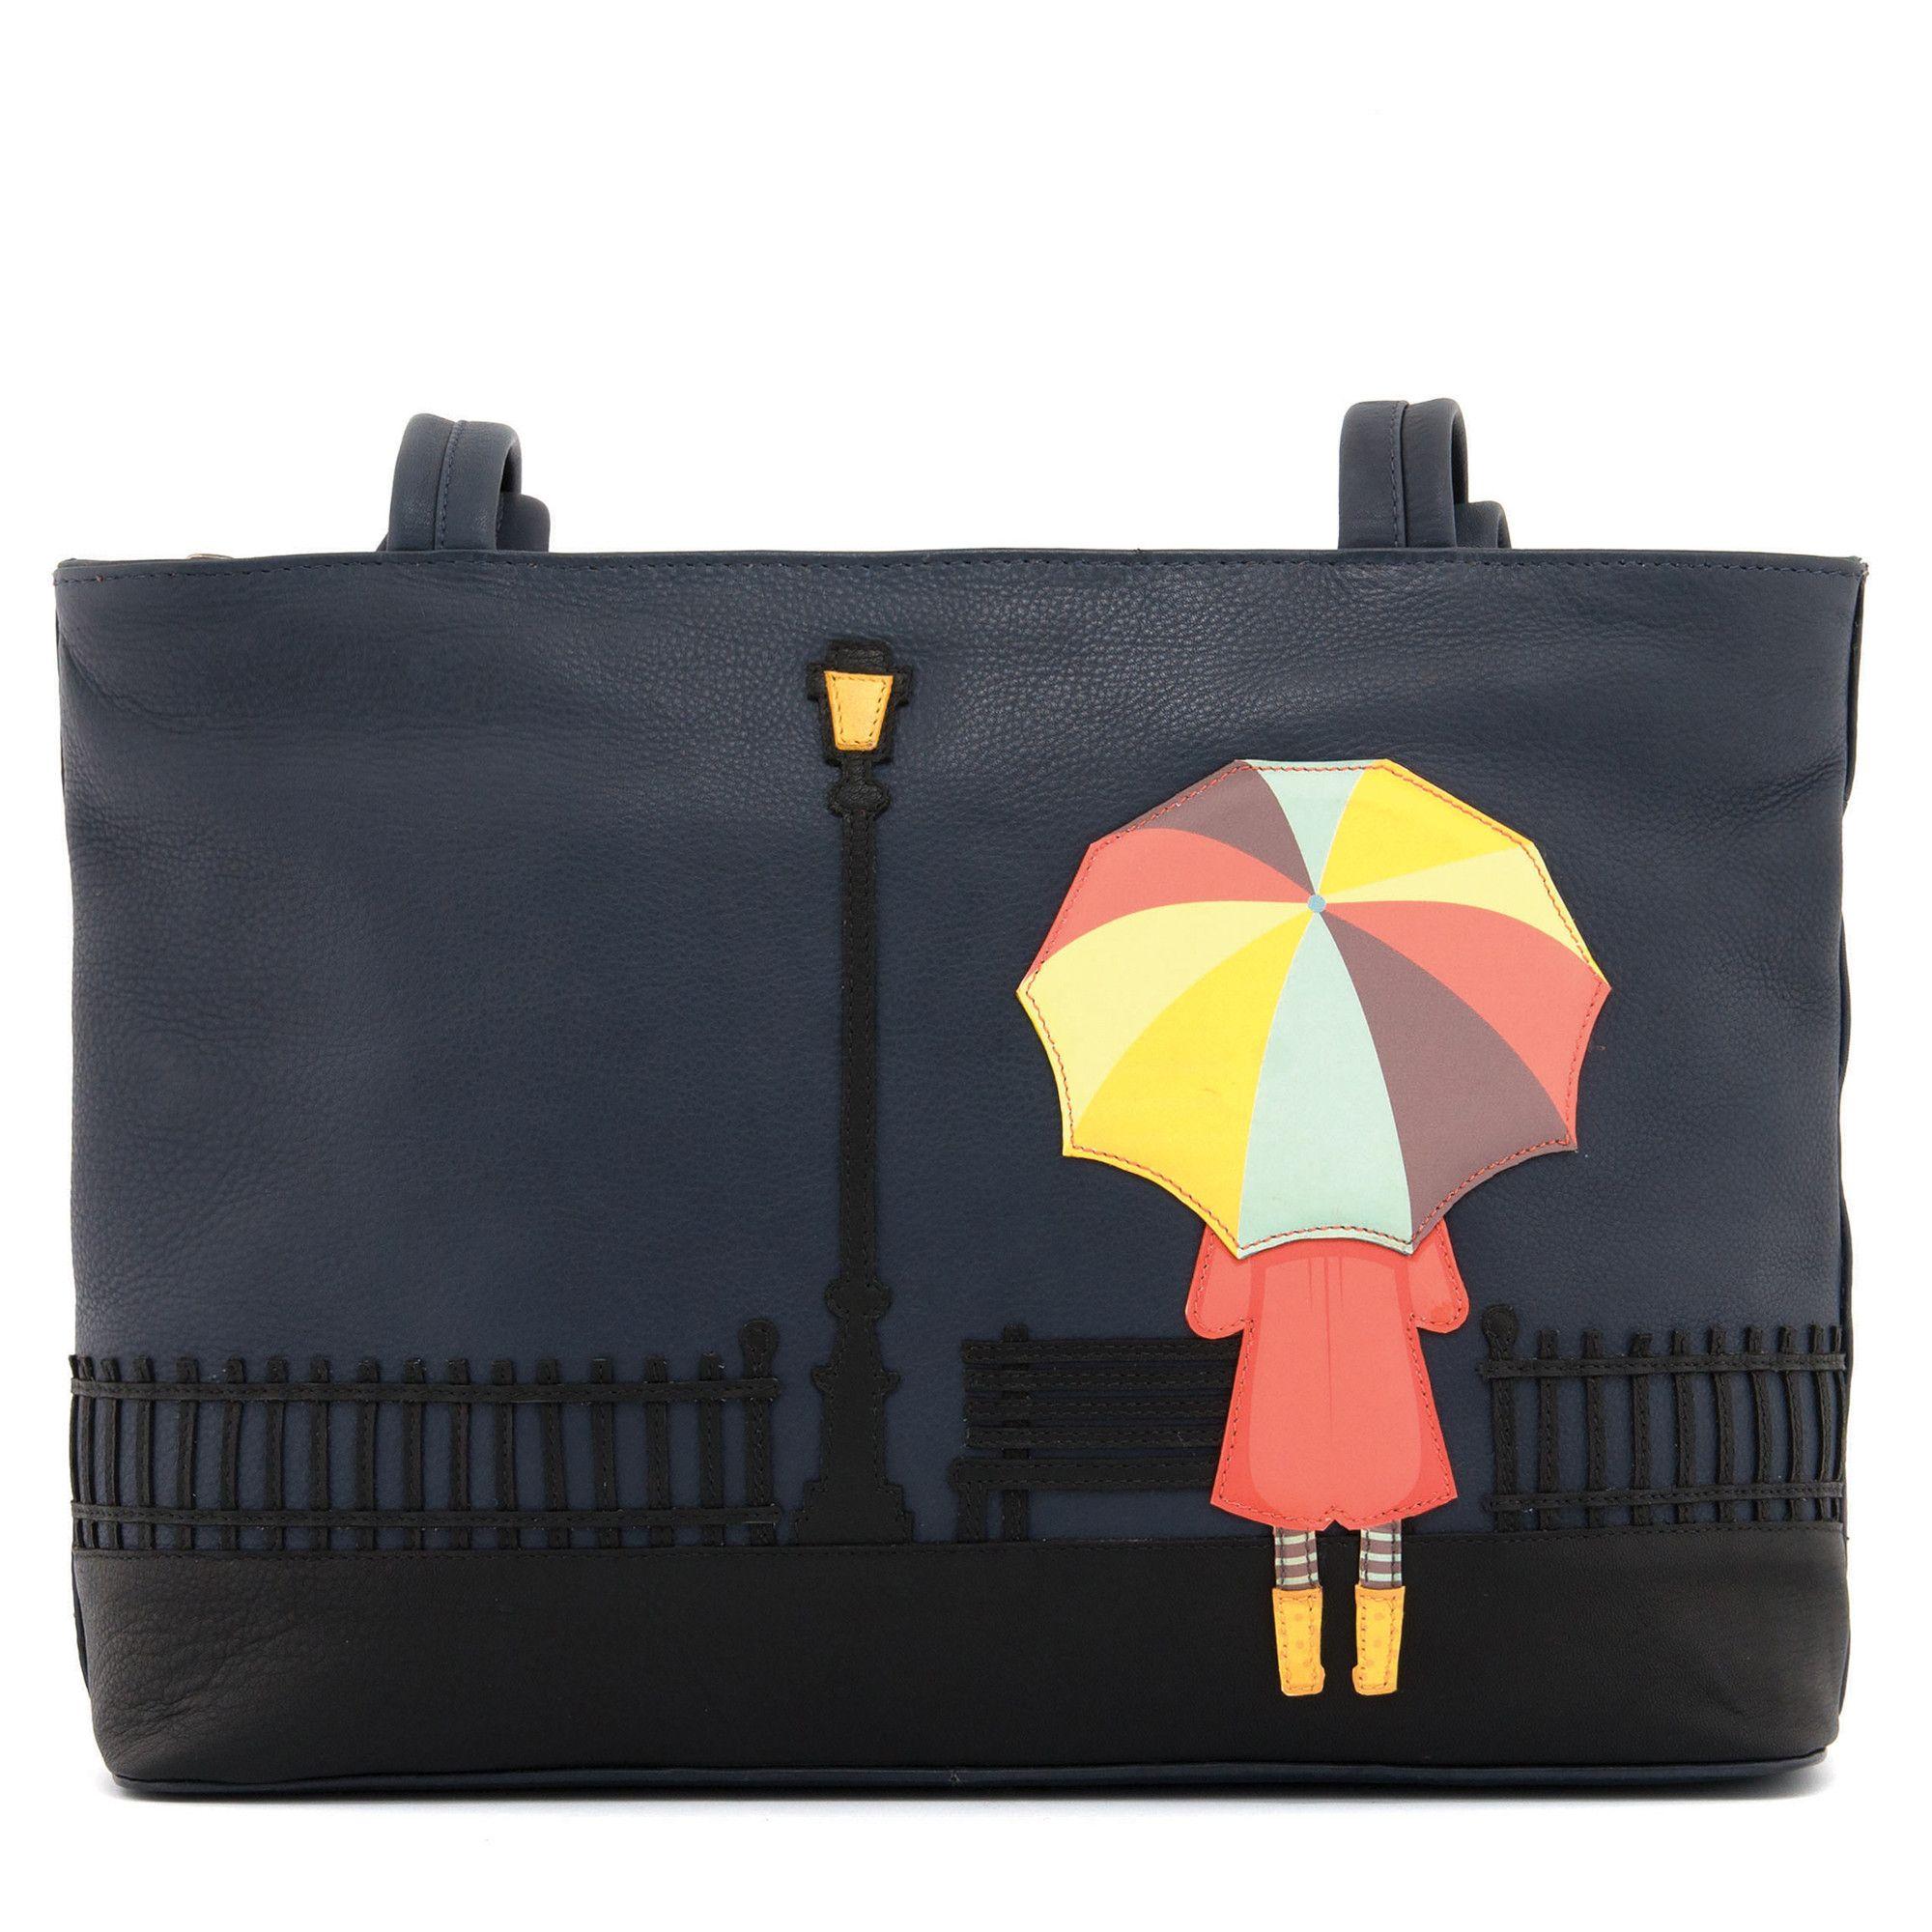 Yoshi Rainy Day Lique Leather Shoulder Bag Podarok